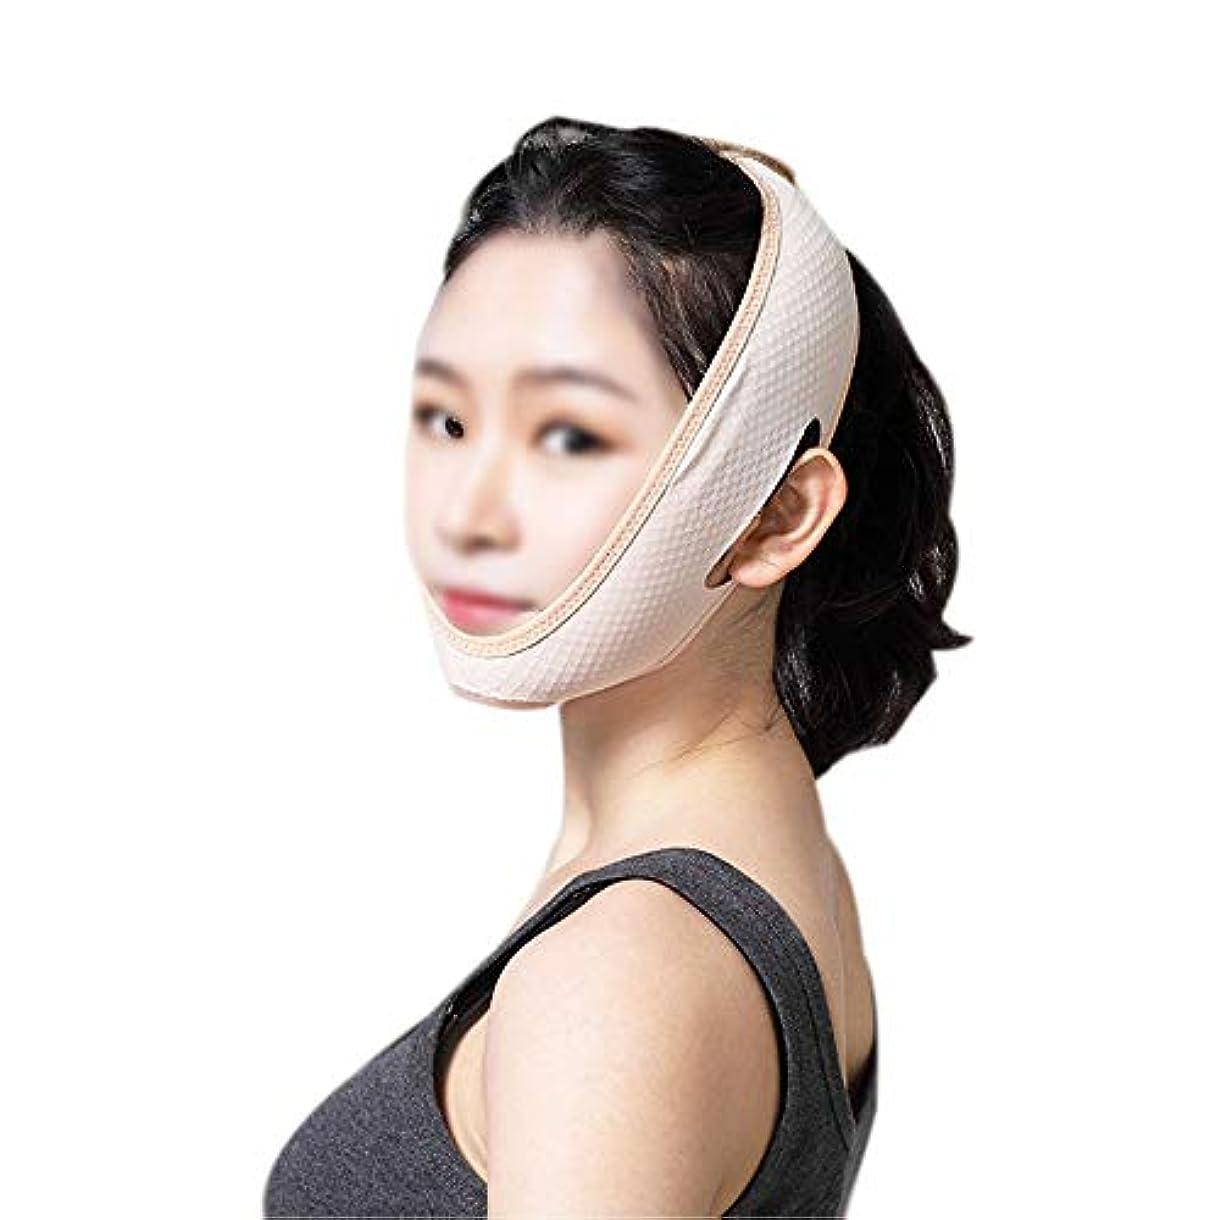 阻害する移植保険GLJJQMY フェイスリフティング包帯睡眠薄いフェイスマスクは肌を引き締め、二重あごのマスクを減らす 顔用整形マスク